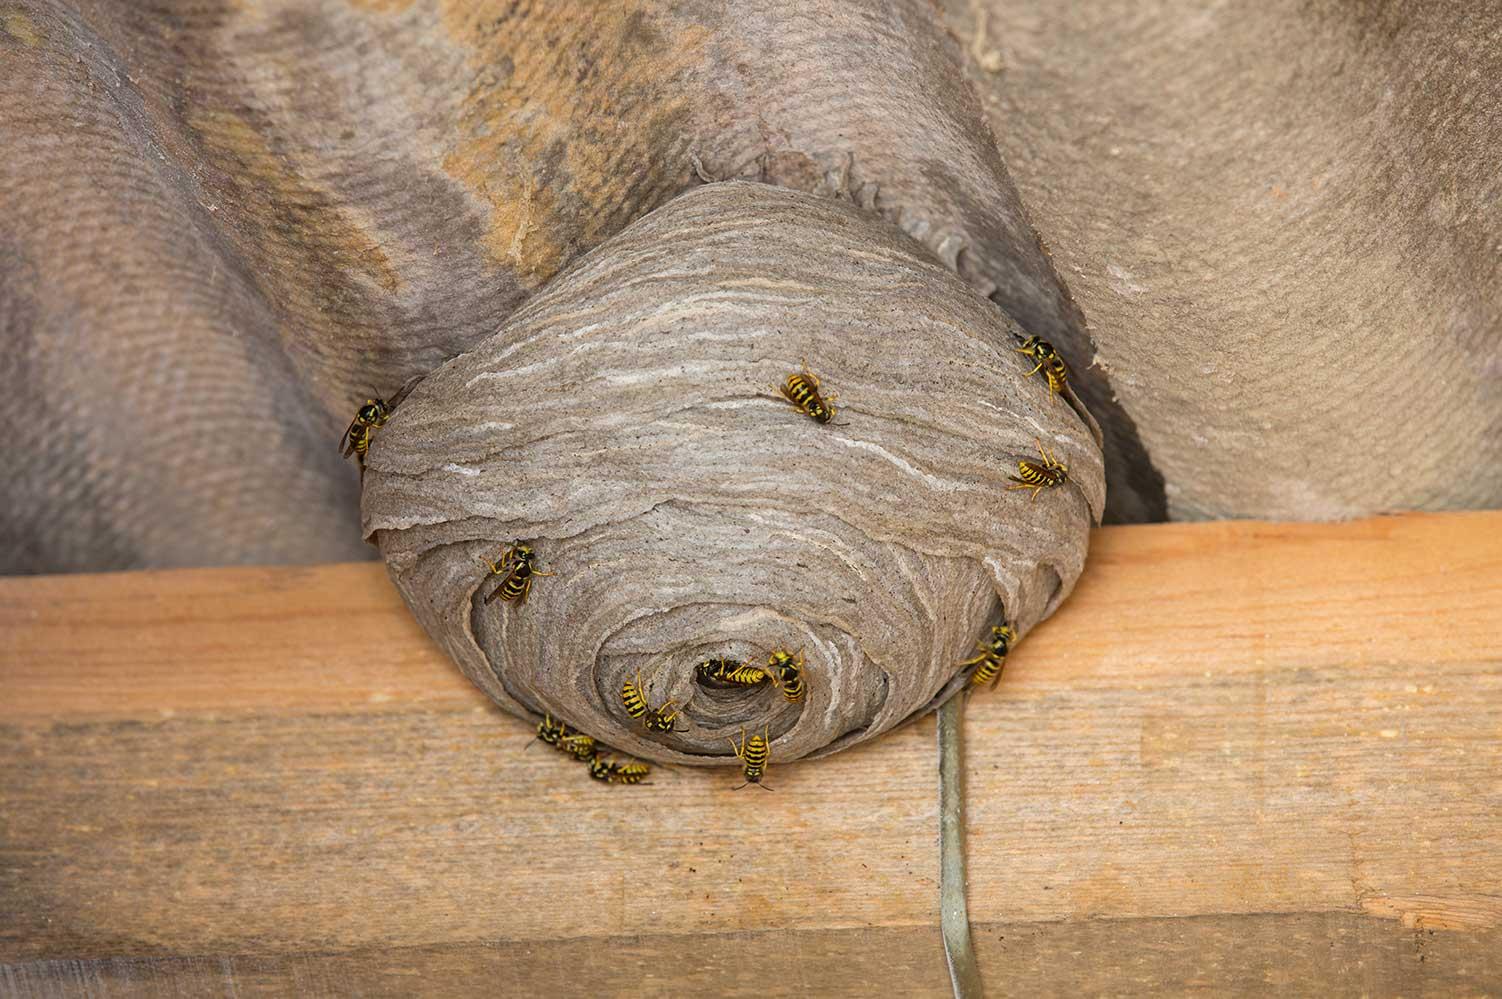 remove wasps nest in kitchener